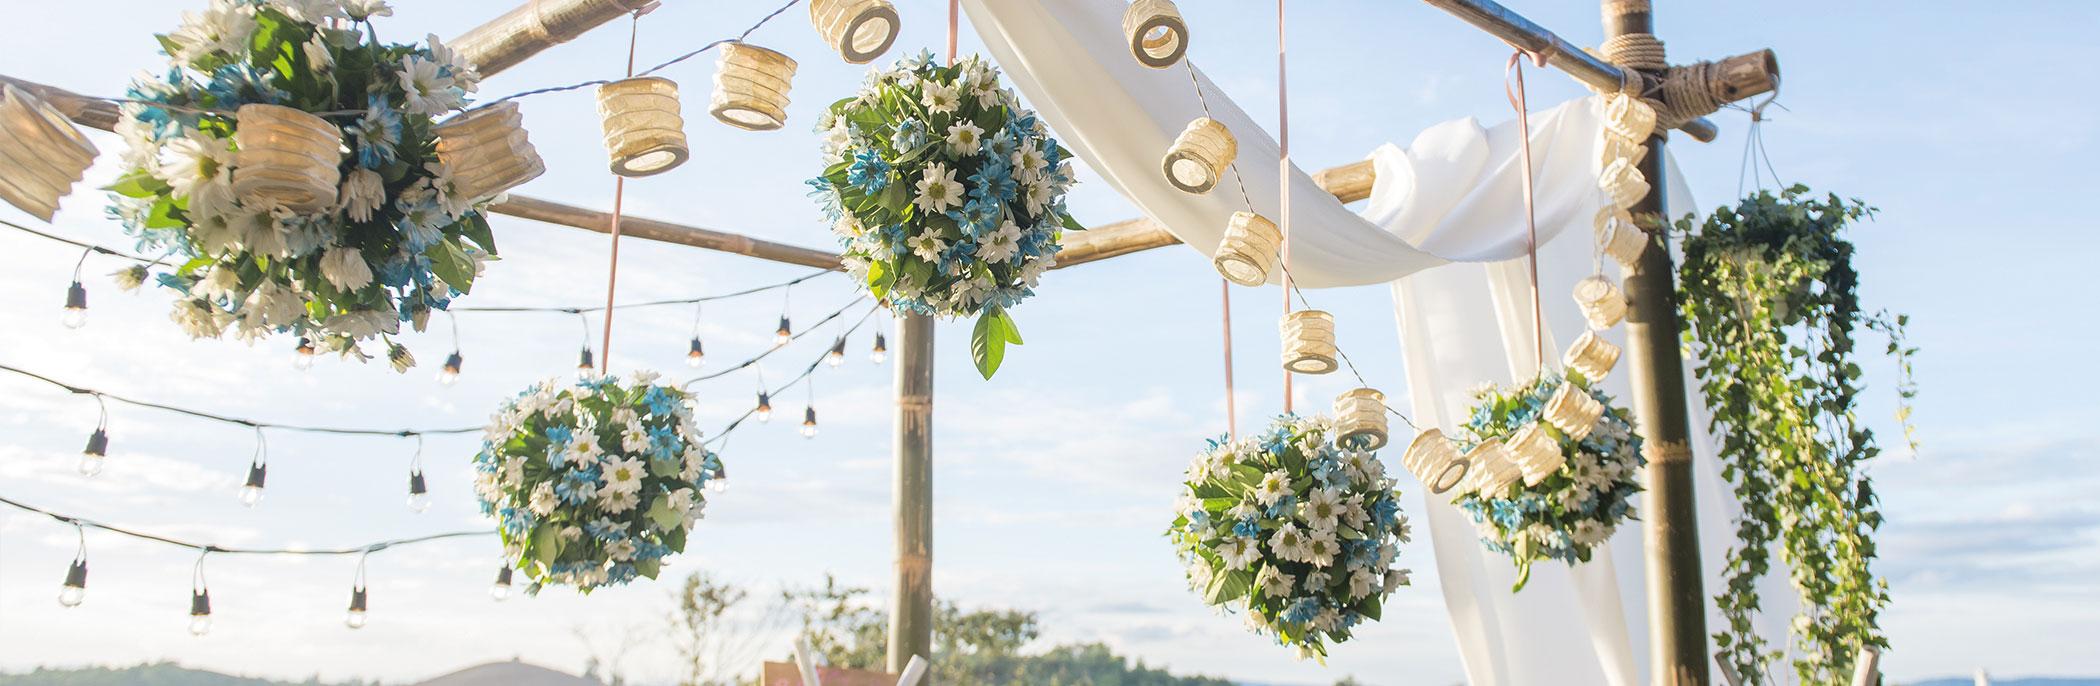 Hochzeitsdekoration Blumenkugel